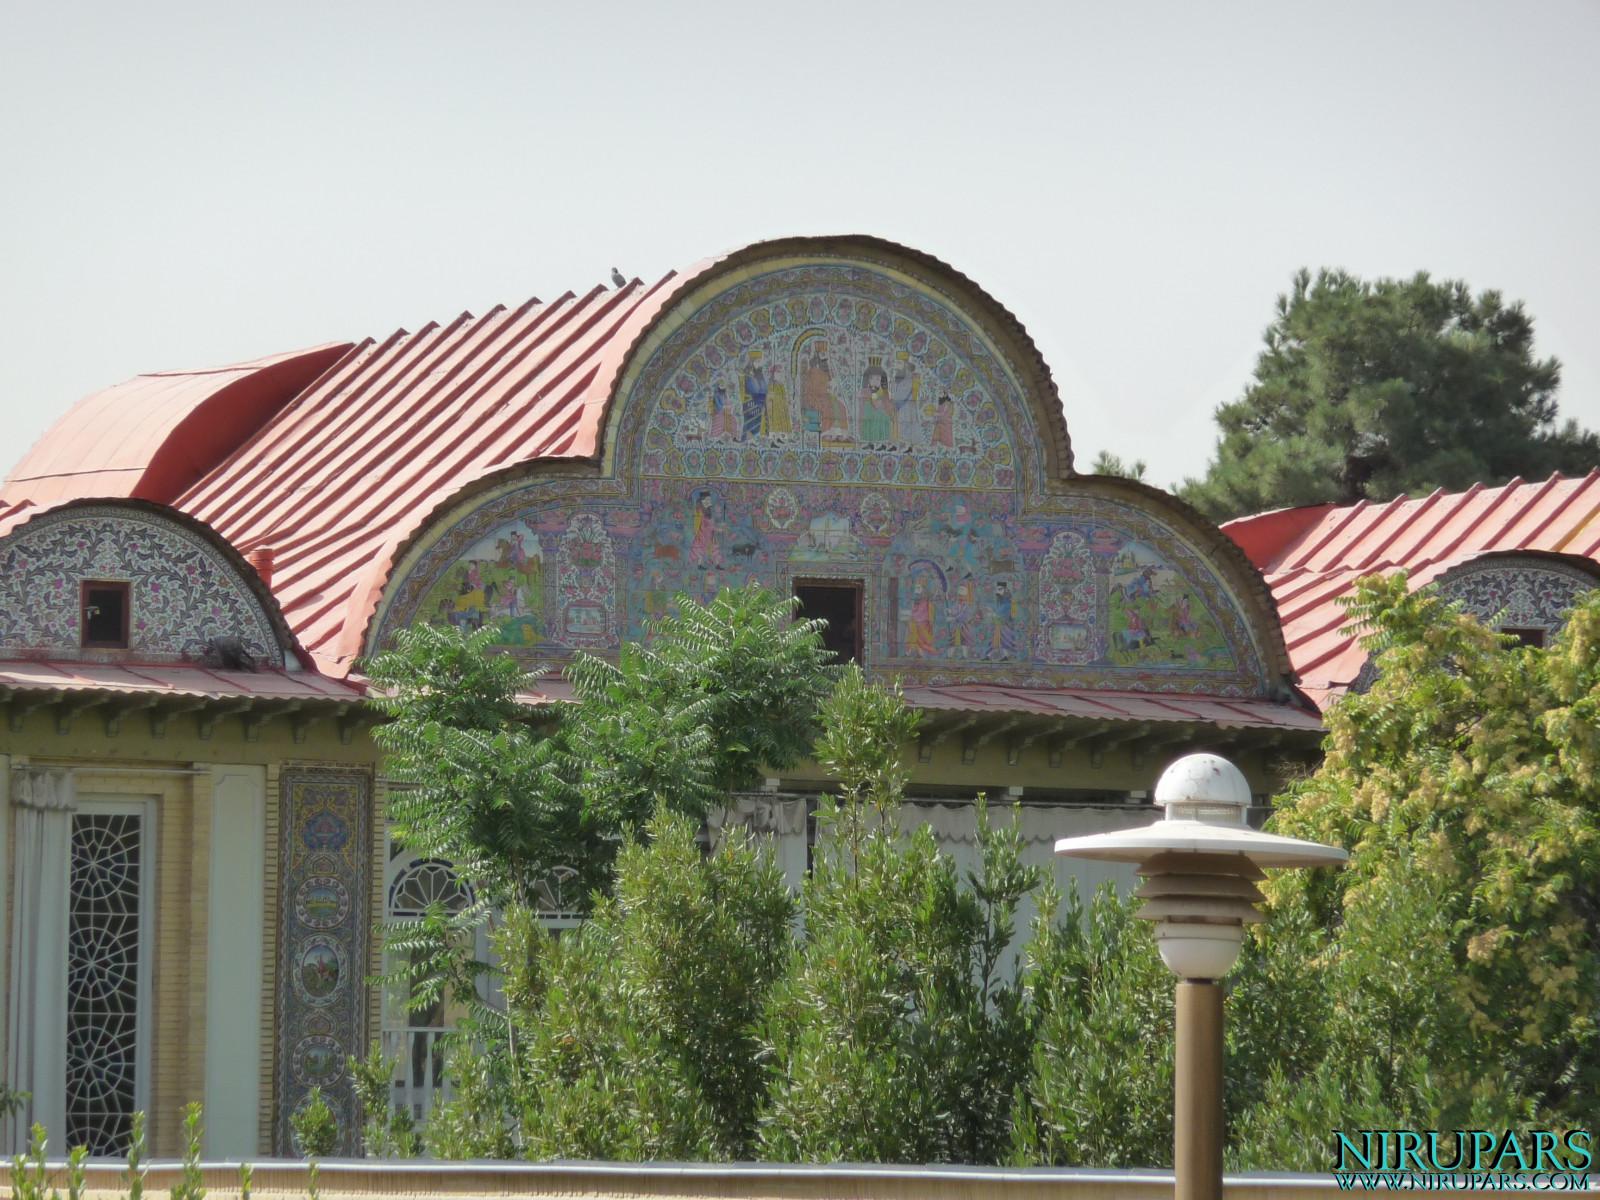 Baq-e Eram - Building - Backside